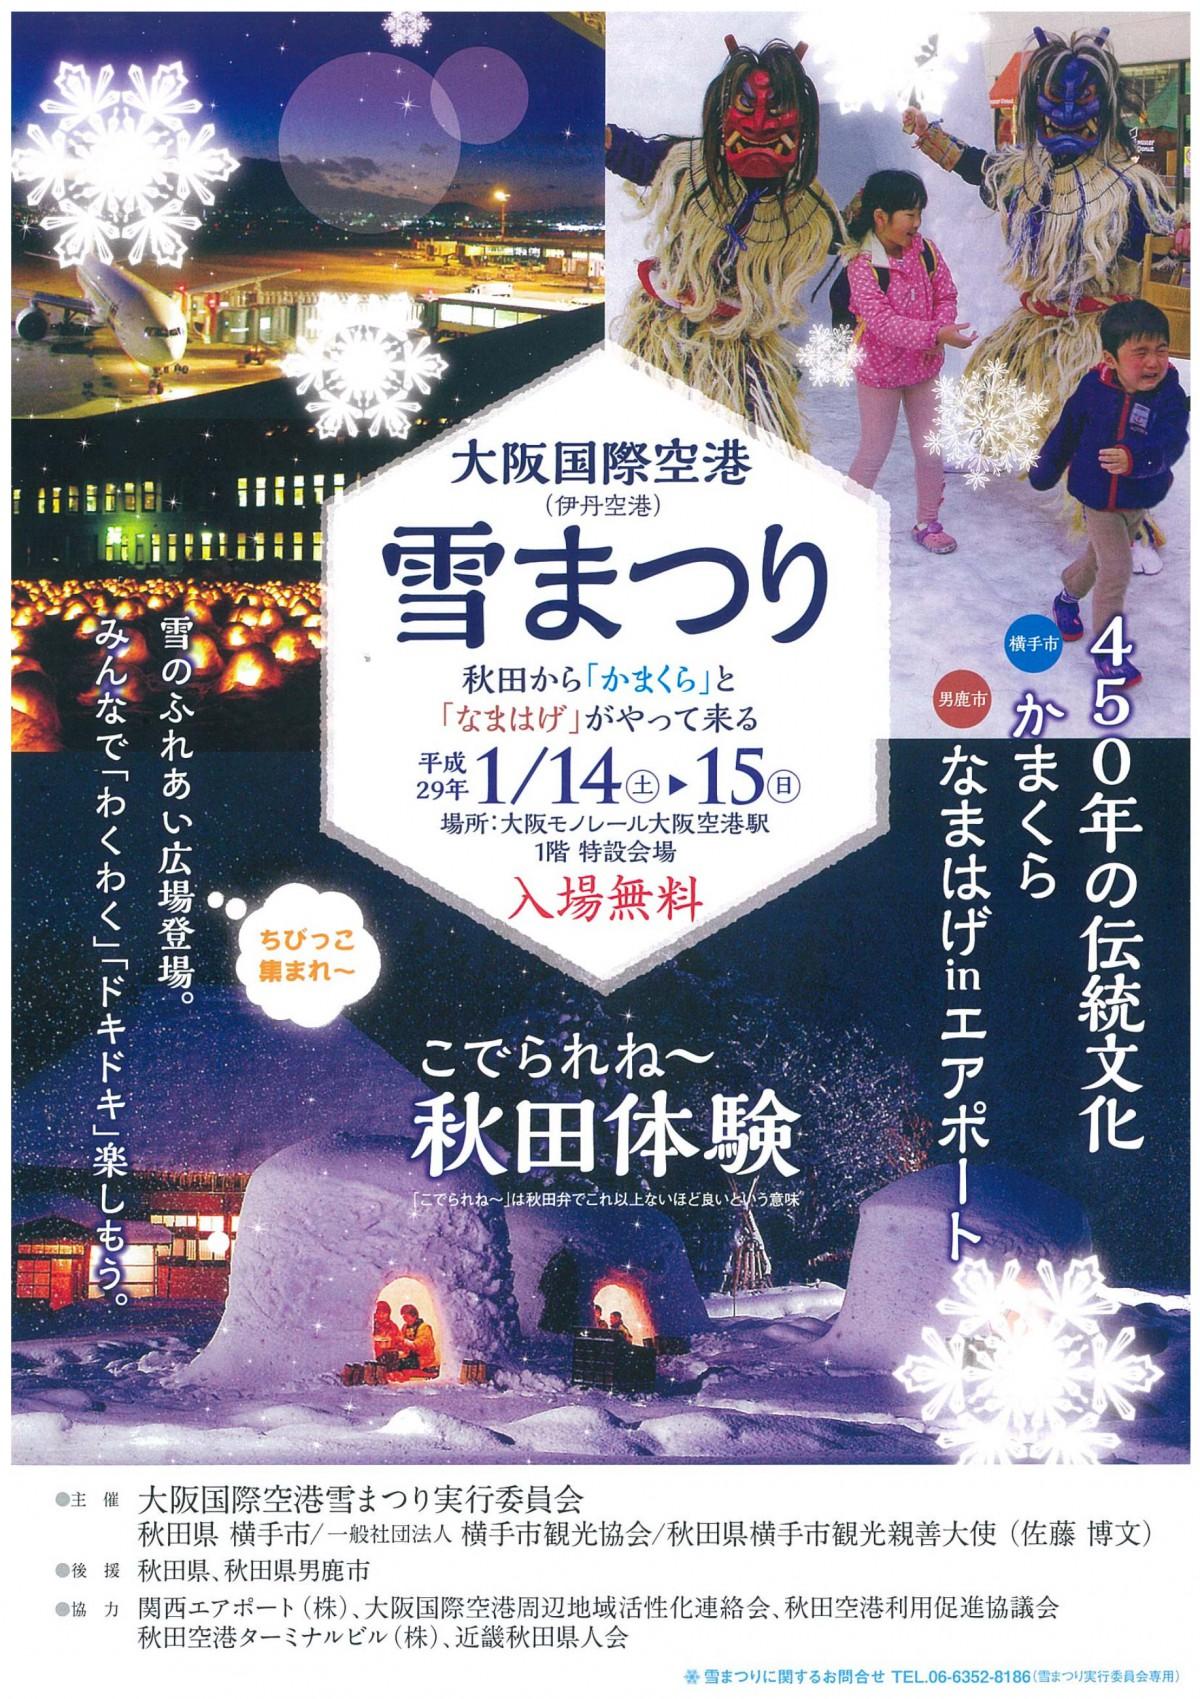 【2017年1月14日・15日】秋田から「かまくら」と「なまはげ」が大阪国際空港駅にやってくる!雪まつり開催♪